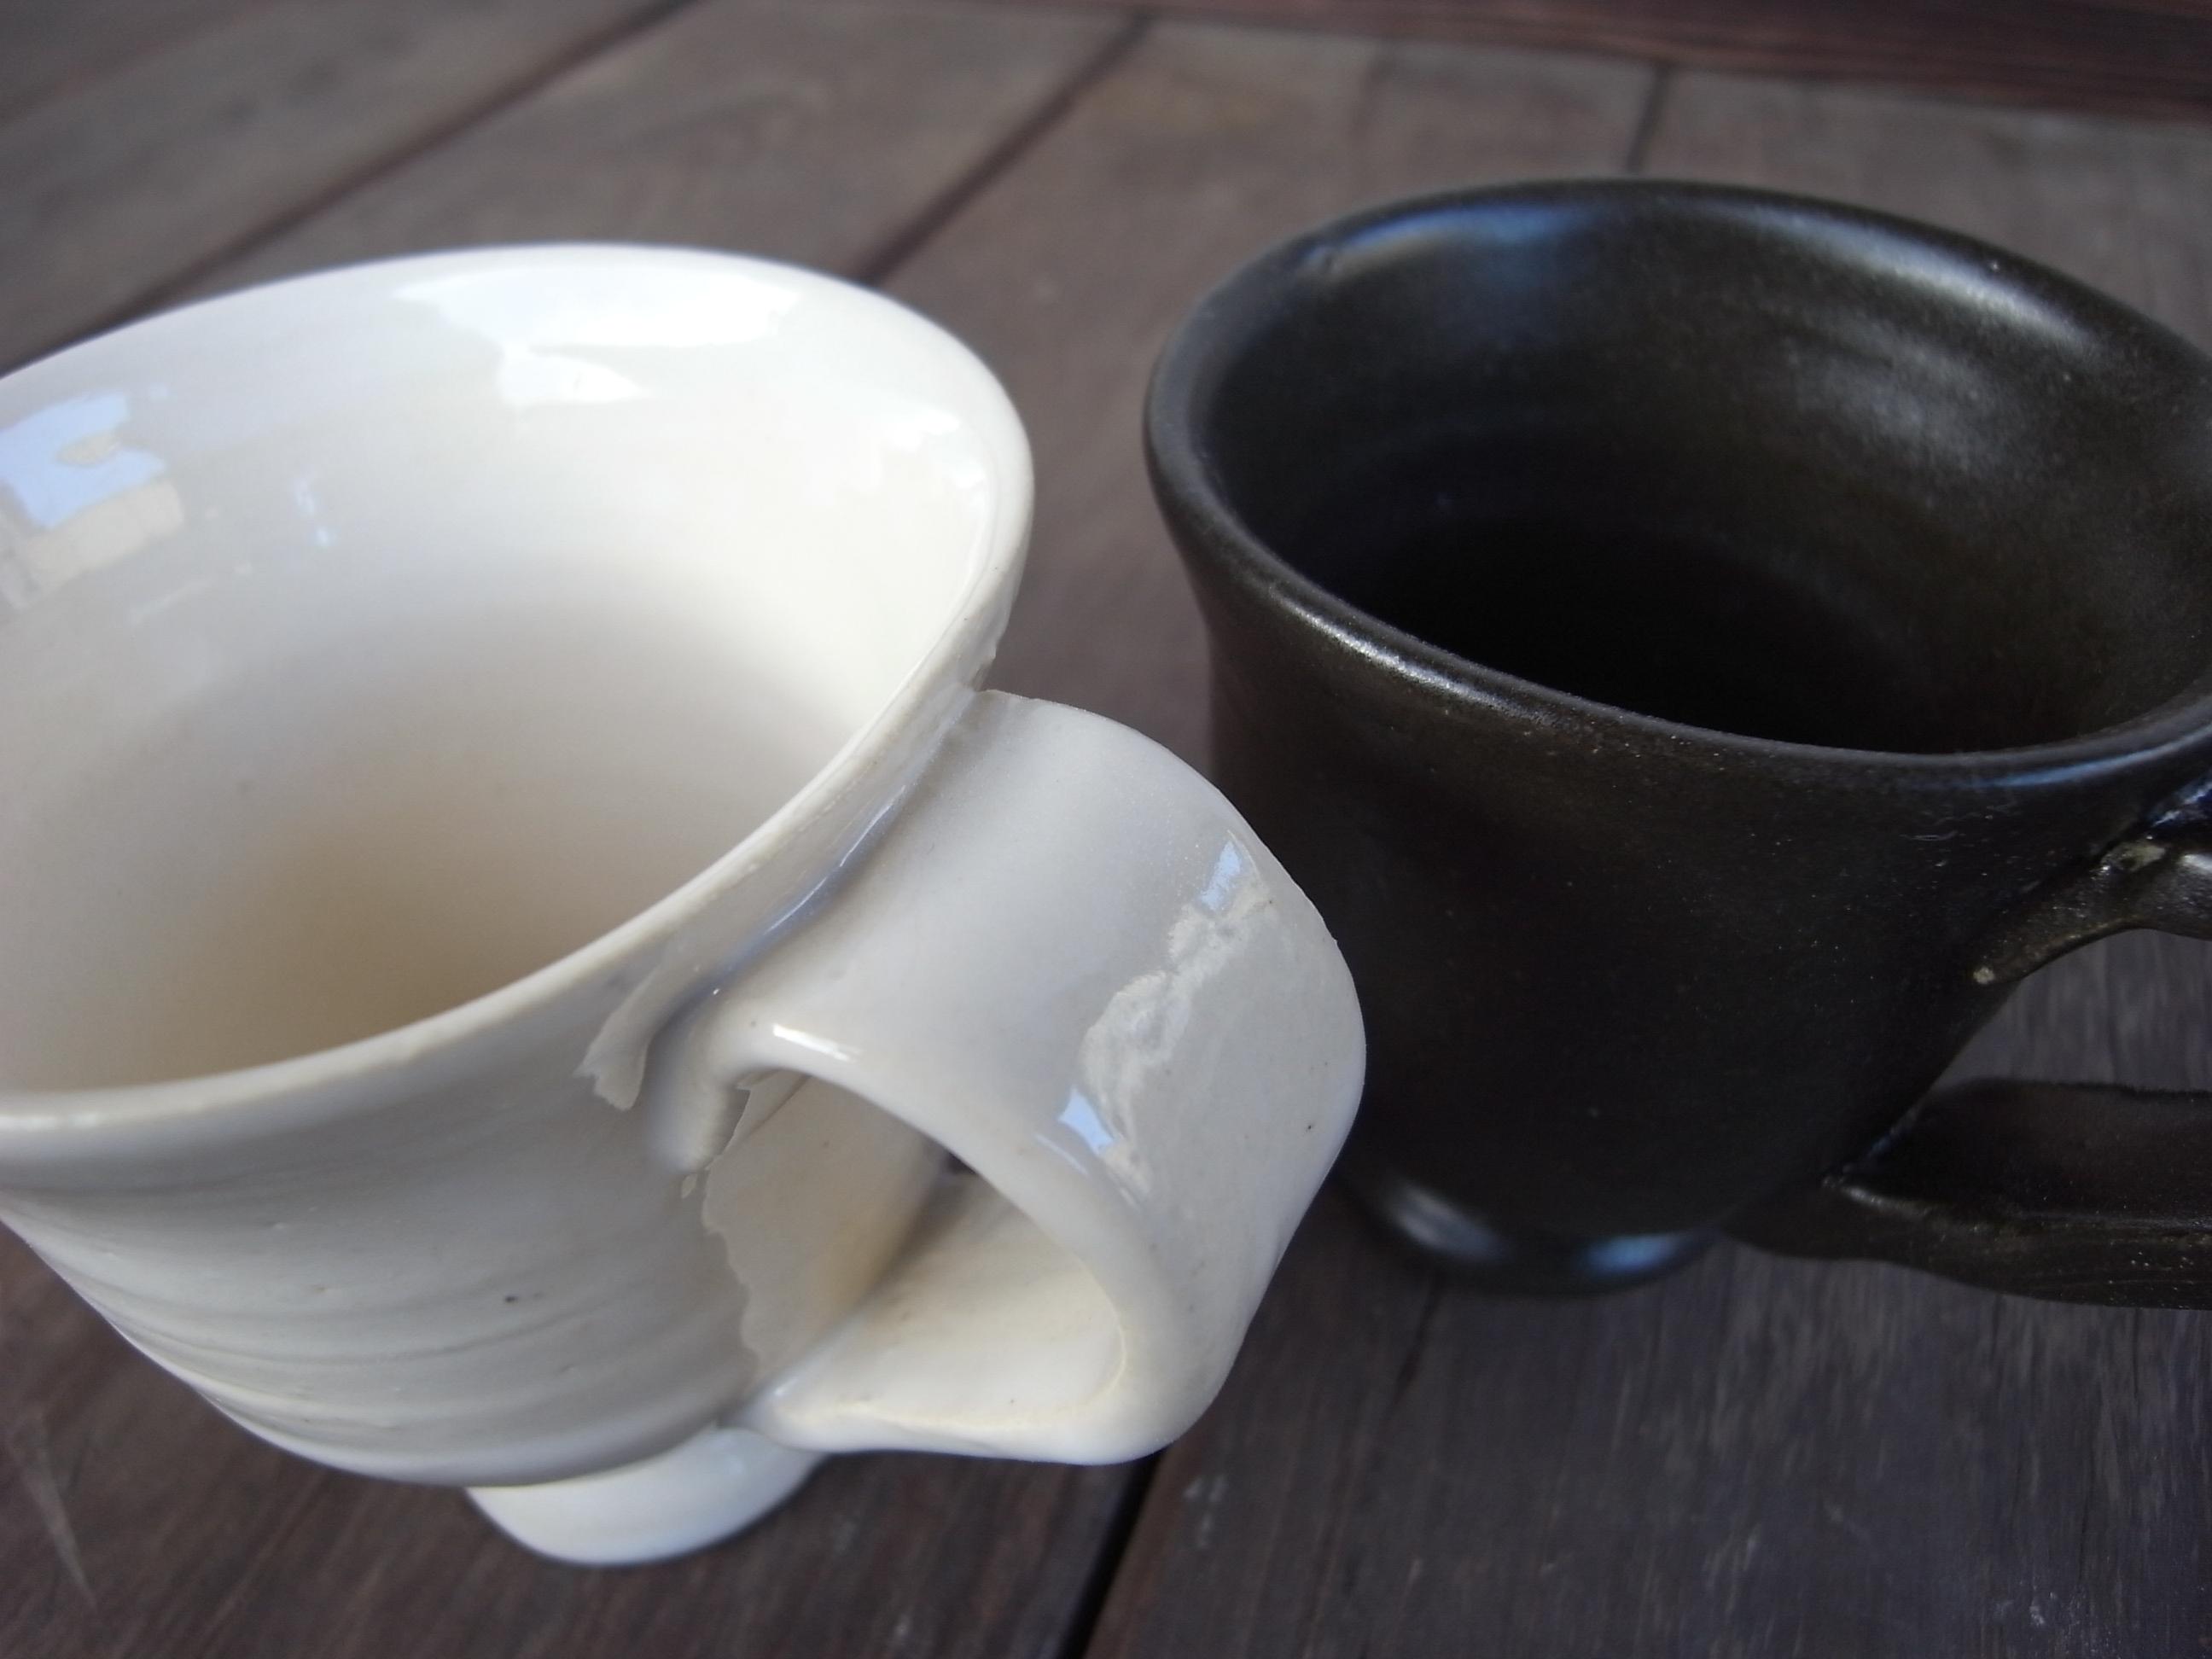 粘土を使って、アイデアをそのまま器に表現